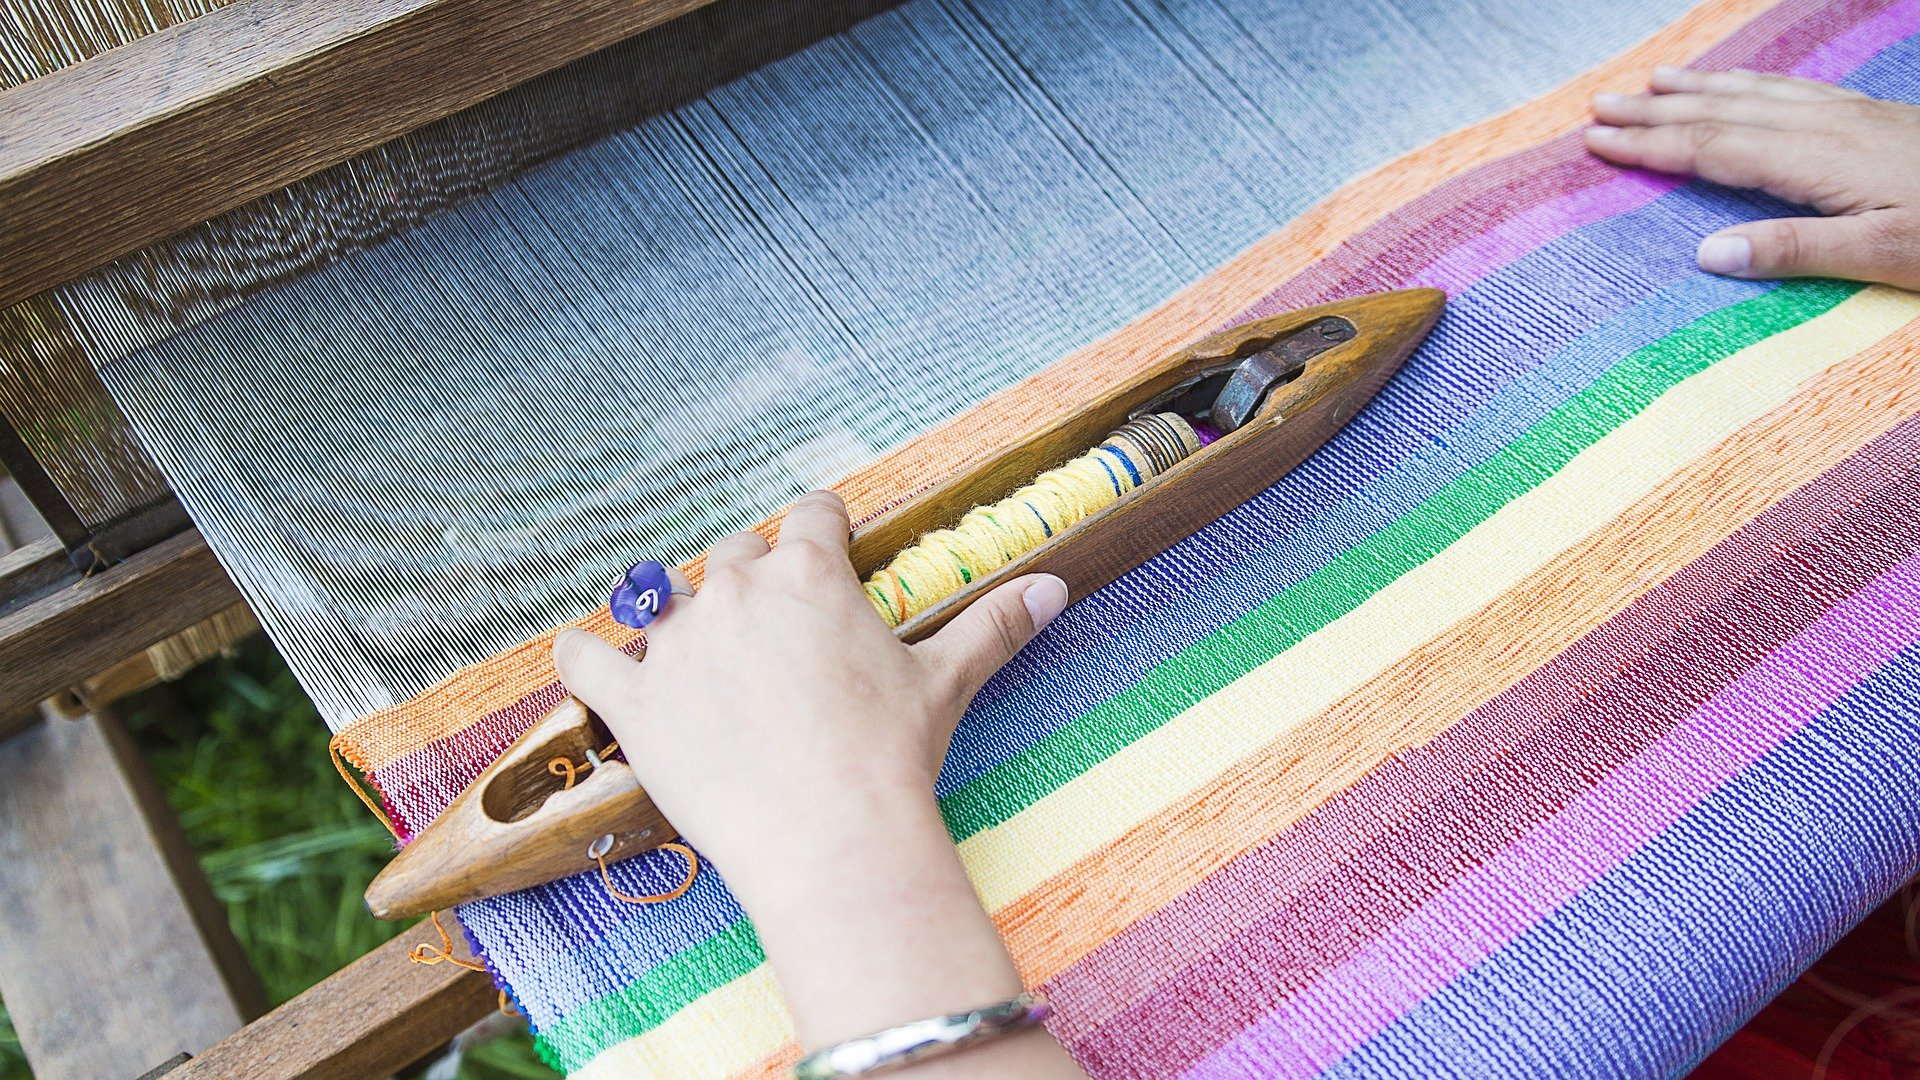 weaving-loom-2571179_1920